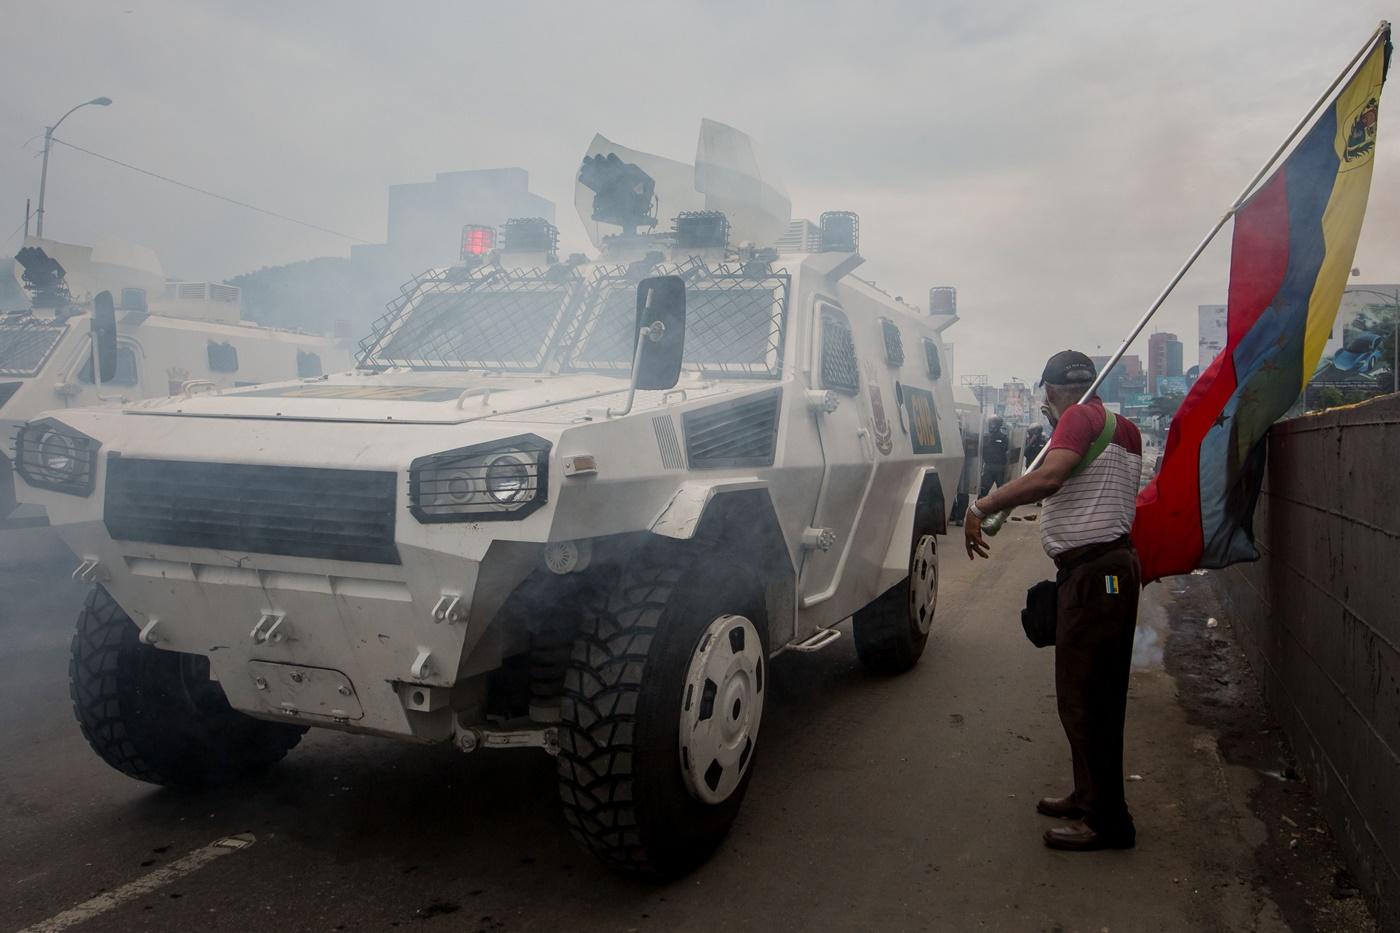 CAR019. CARACAS (VENEZUELA), 03/05/2017 - Un hombre con una bandera venezolana permanece junto a unas tanquetas de la Guardia Bolivariana durante una manifestación hoy, miércoles 3 de mayo de 2017, en Caracas (Venezuela). La Guardia Nacional Bolivariana (GNB, policía militarizada) de Venezuela dispersó hoy con gases lacrimógenos una movilización opositora en el este de Caracas que pretendía llegar hasta la sede de la Asamblea Nacional (AN, Parlamento), ubicada en el centro de la capital. EFE/MIGUEL GUTIERREZ